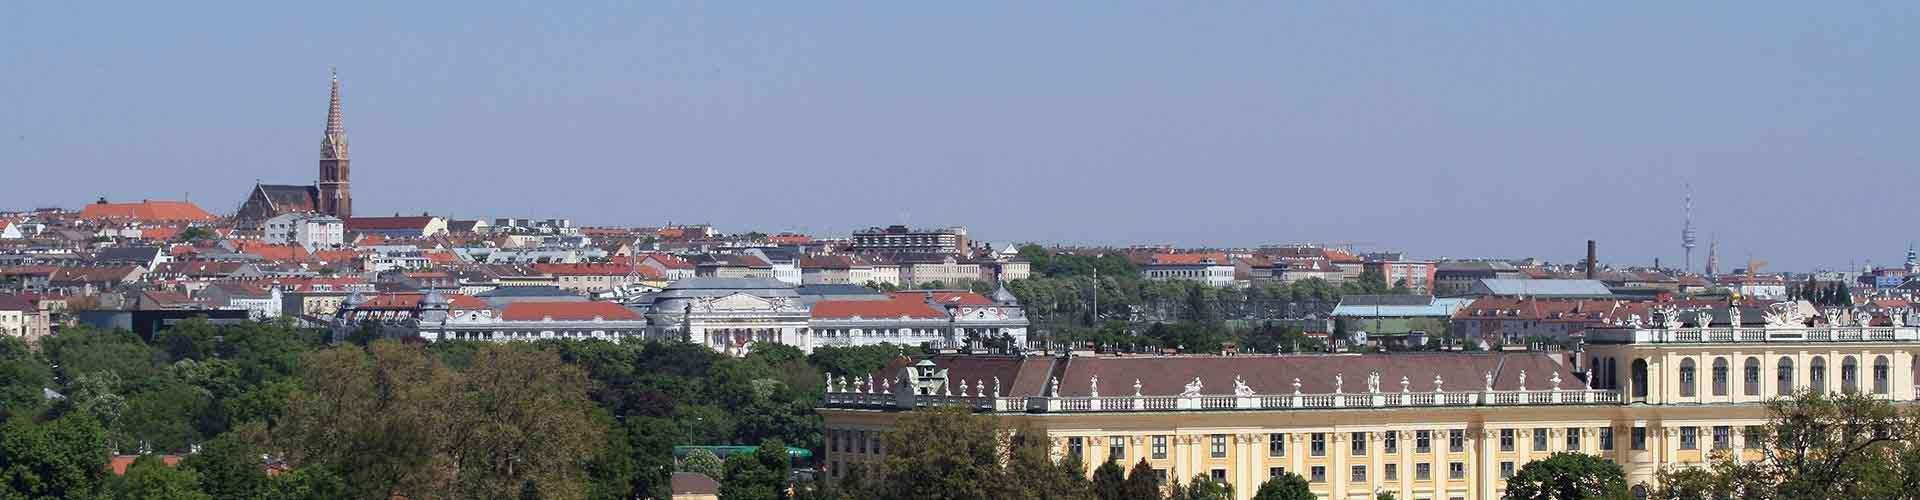 Wiedeń - Hotele w dzielnicy: Rudolfsheim-Fuenfhaus, Mapy dzielnicy:  Wiedeń, Zdjęcia i Recenzje dla każdego Hotelu w dzielnicy: Wiedeń.